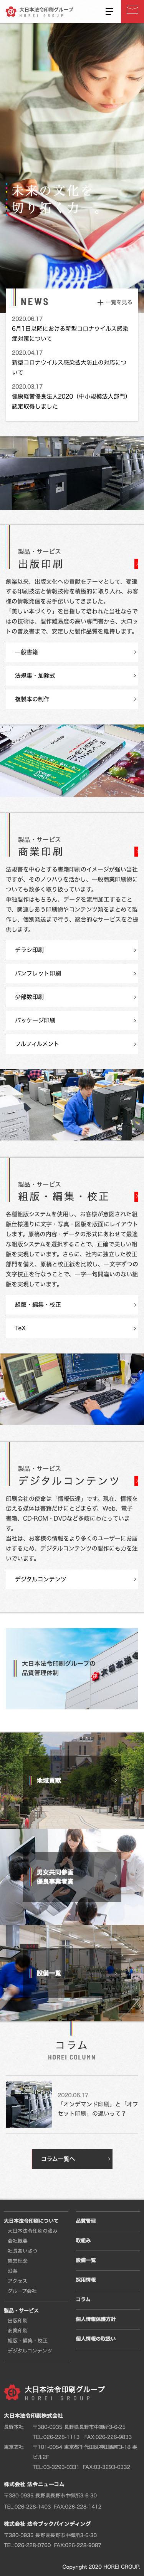 大日本法令印刷spイメージ